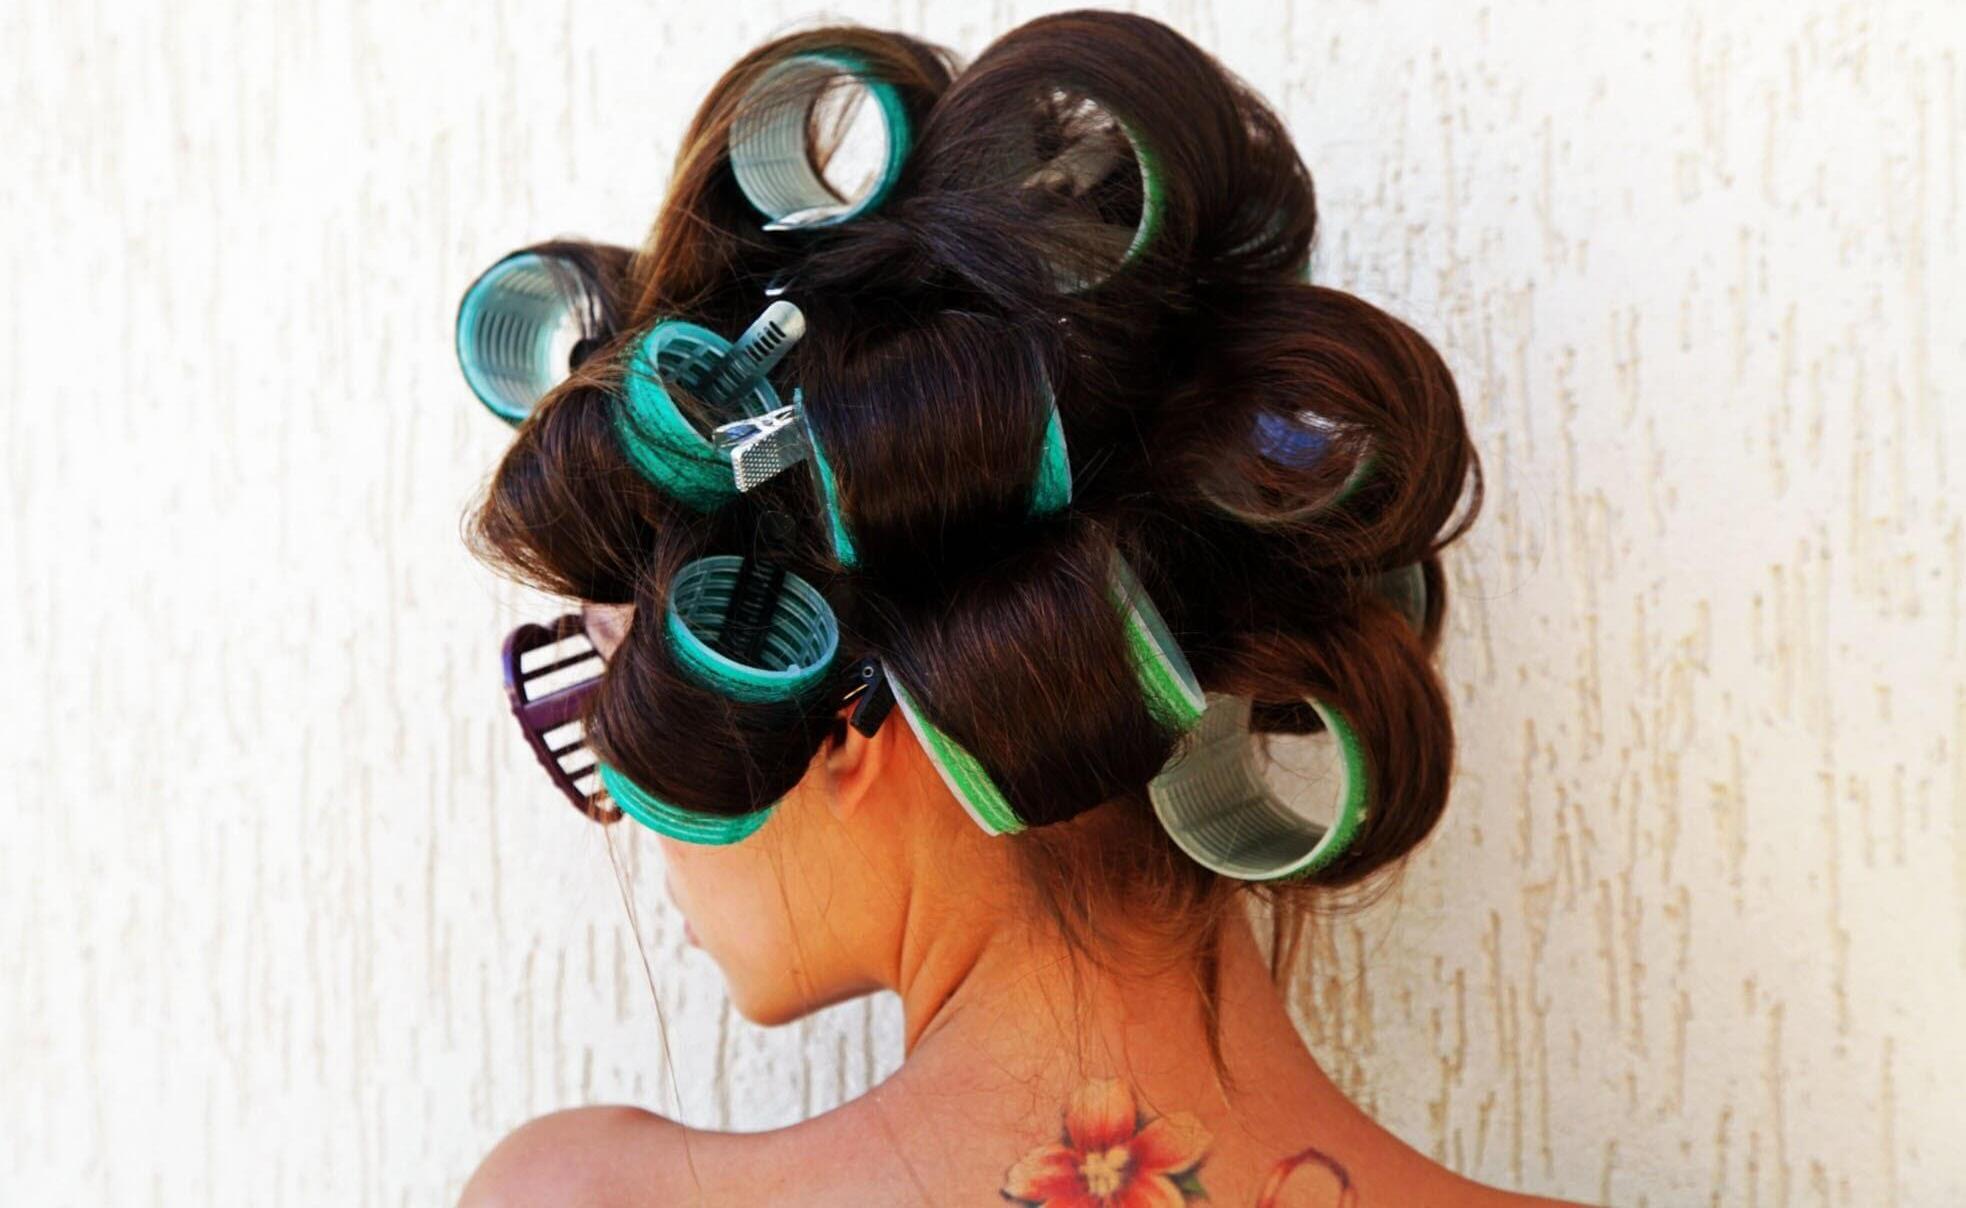 Бигуди для объема у корней: выбираем варианты для прикорневого объема волос. Как правильно накручивать? Лучшие зажимы для завивки